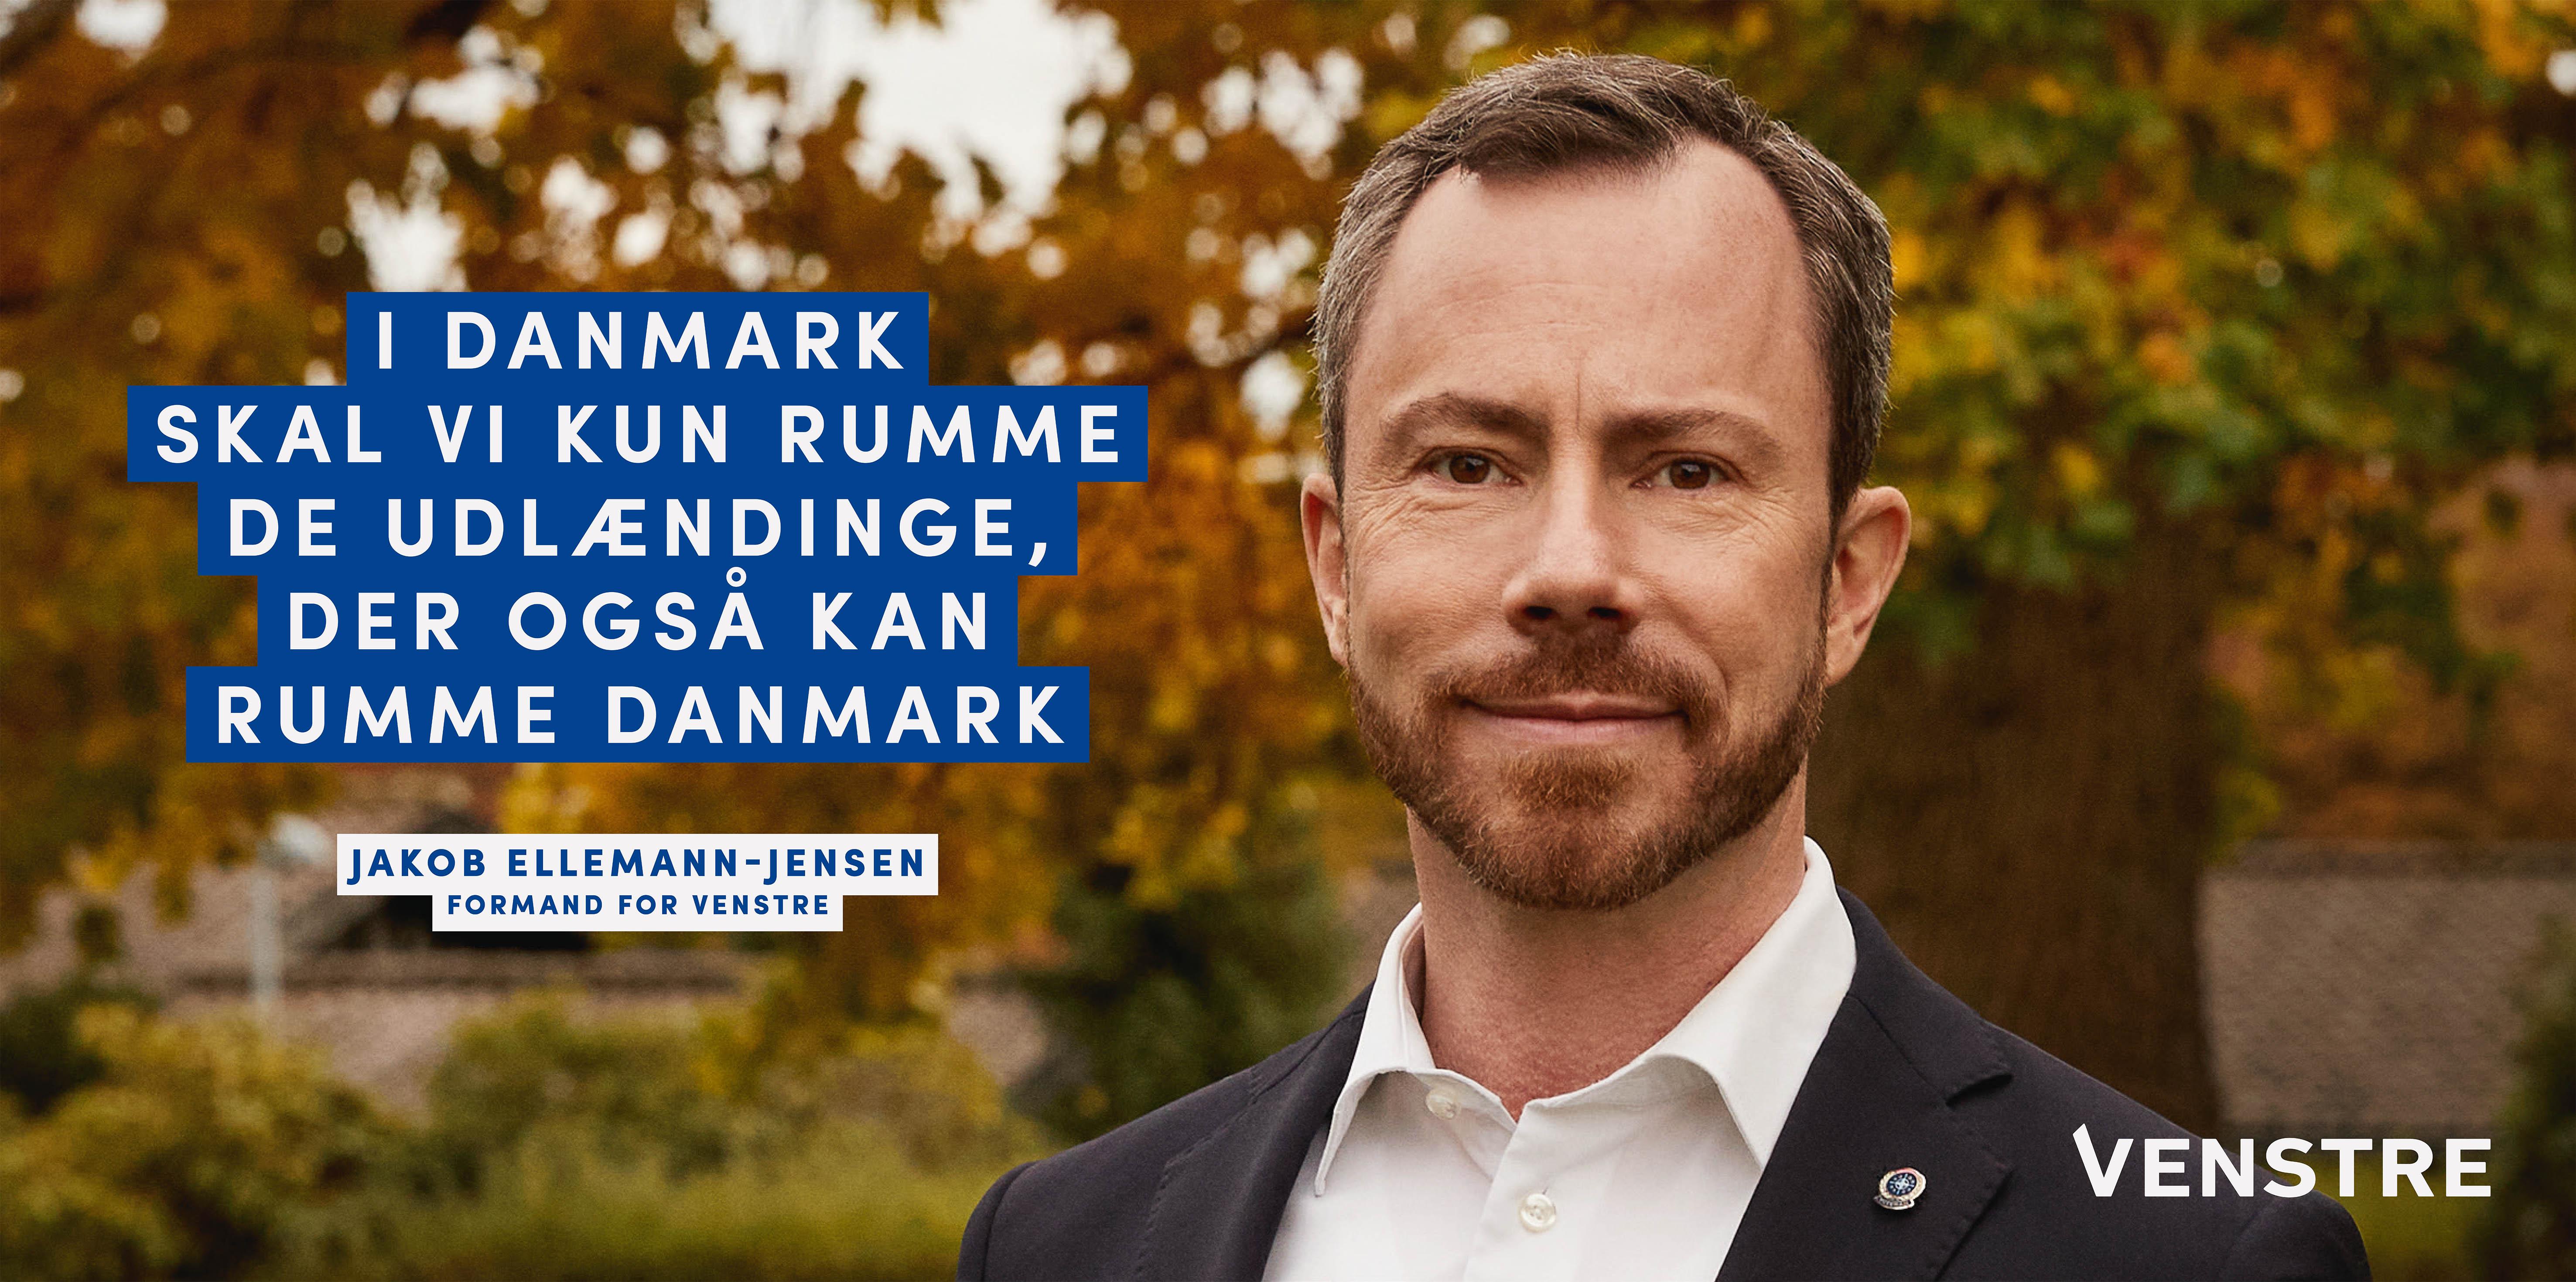 Venstre ønsker en stram og konsekvent udlændingepolitik med plads til dem, der vil fællesskabet.